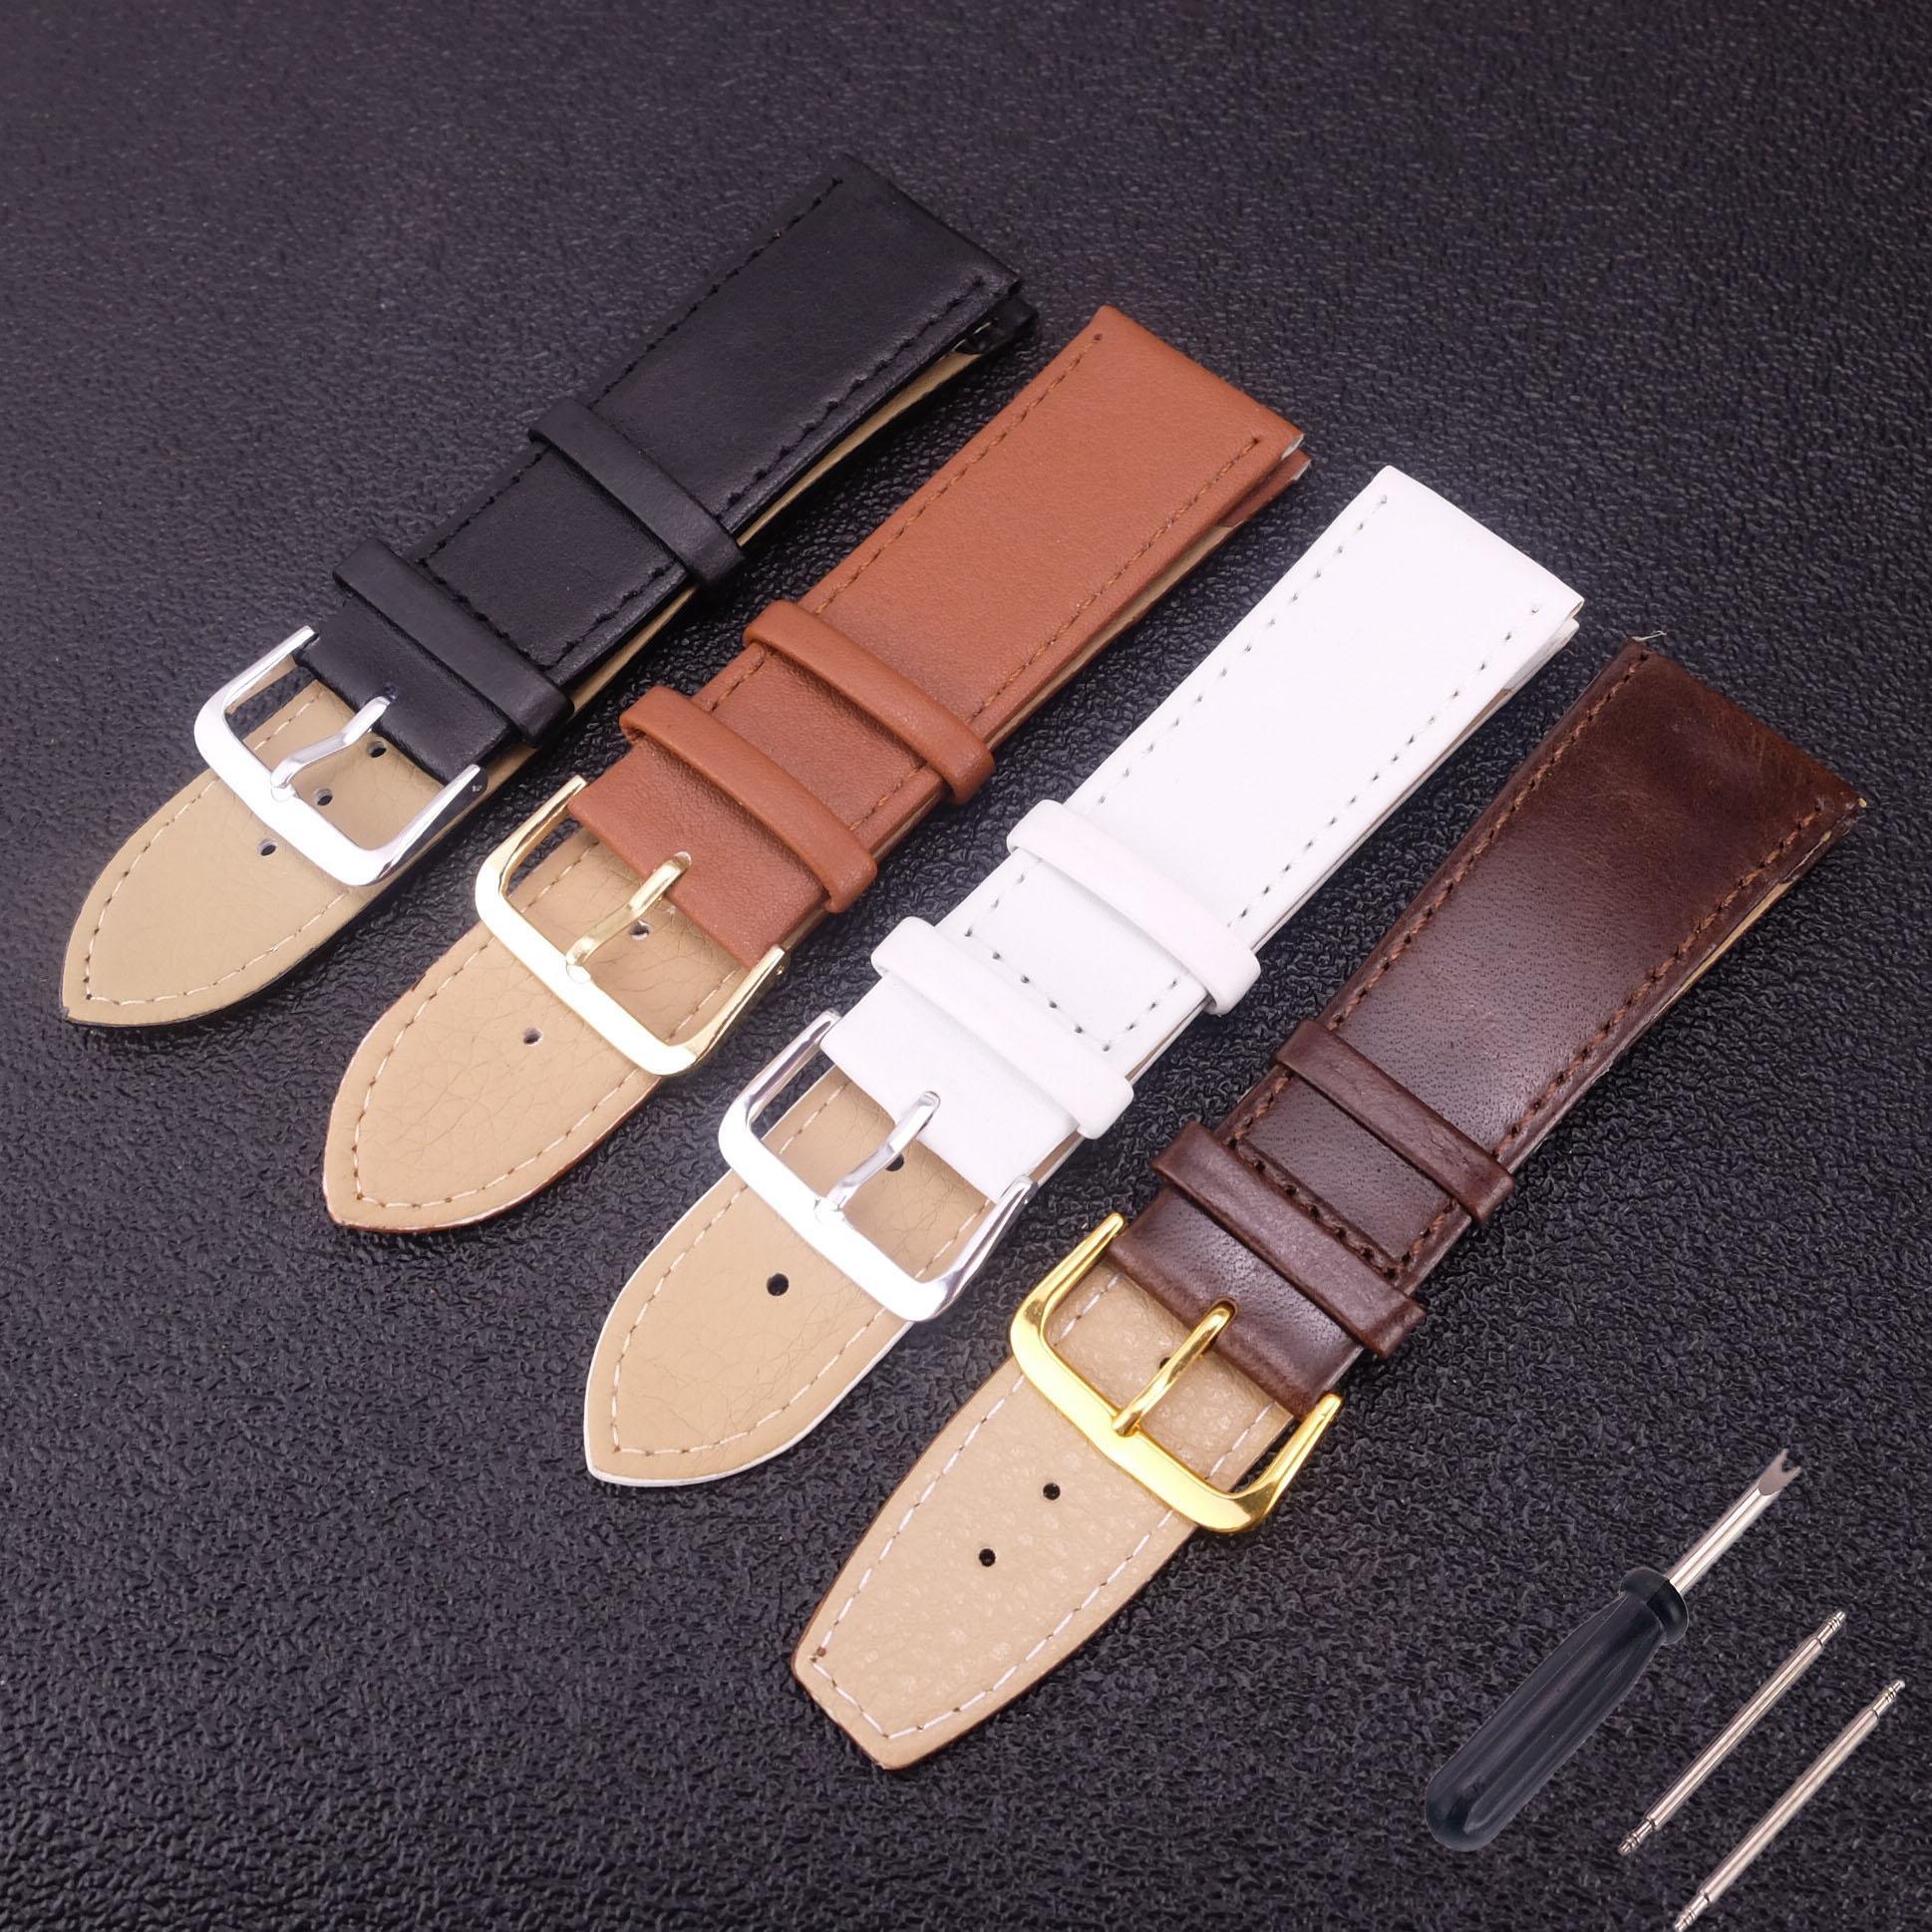 c81d617167e8 Compre Correa De Reloj De Cuero Auténtico Para Mujer Banda De Reloj Con  Herramienta 2 14 16 18 20   22mm Correas De Cuero Genuino Para Hombres  Cinturón ...